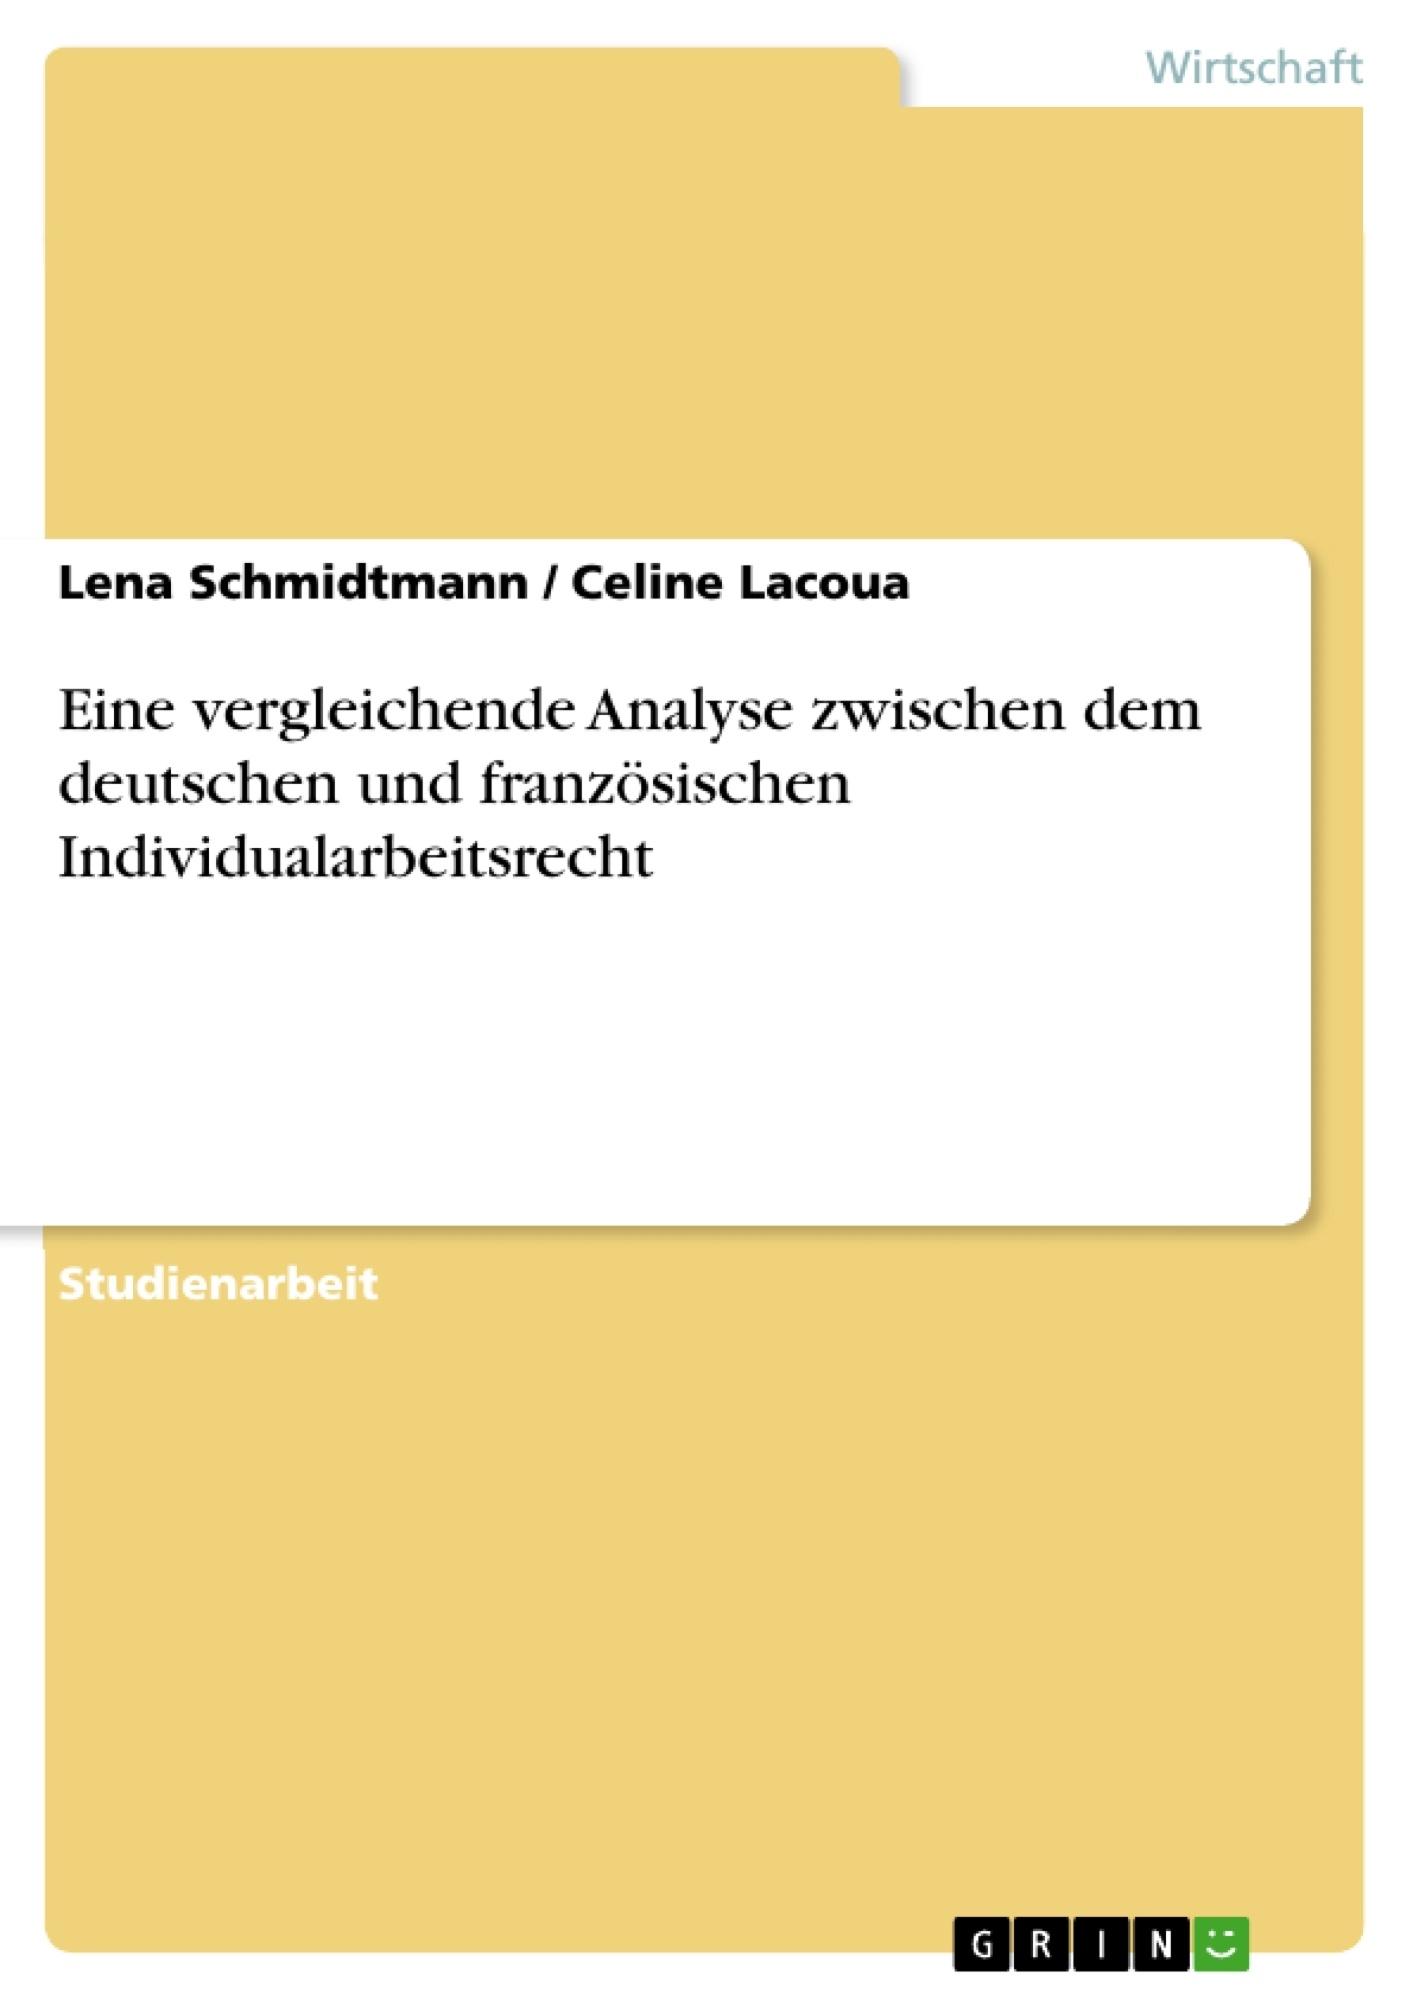 Titel: Eine vergleichende Analyse zwischen dem deutschen und französischen Individualarbeitsrecht